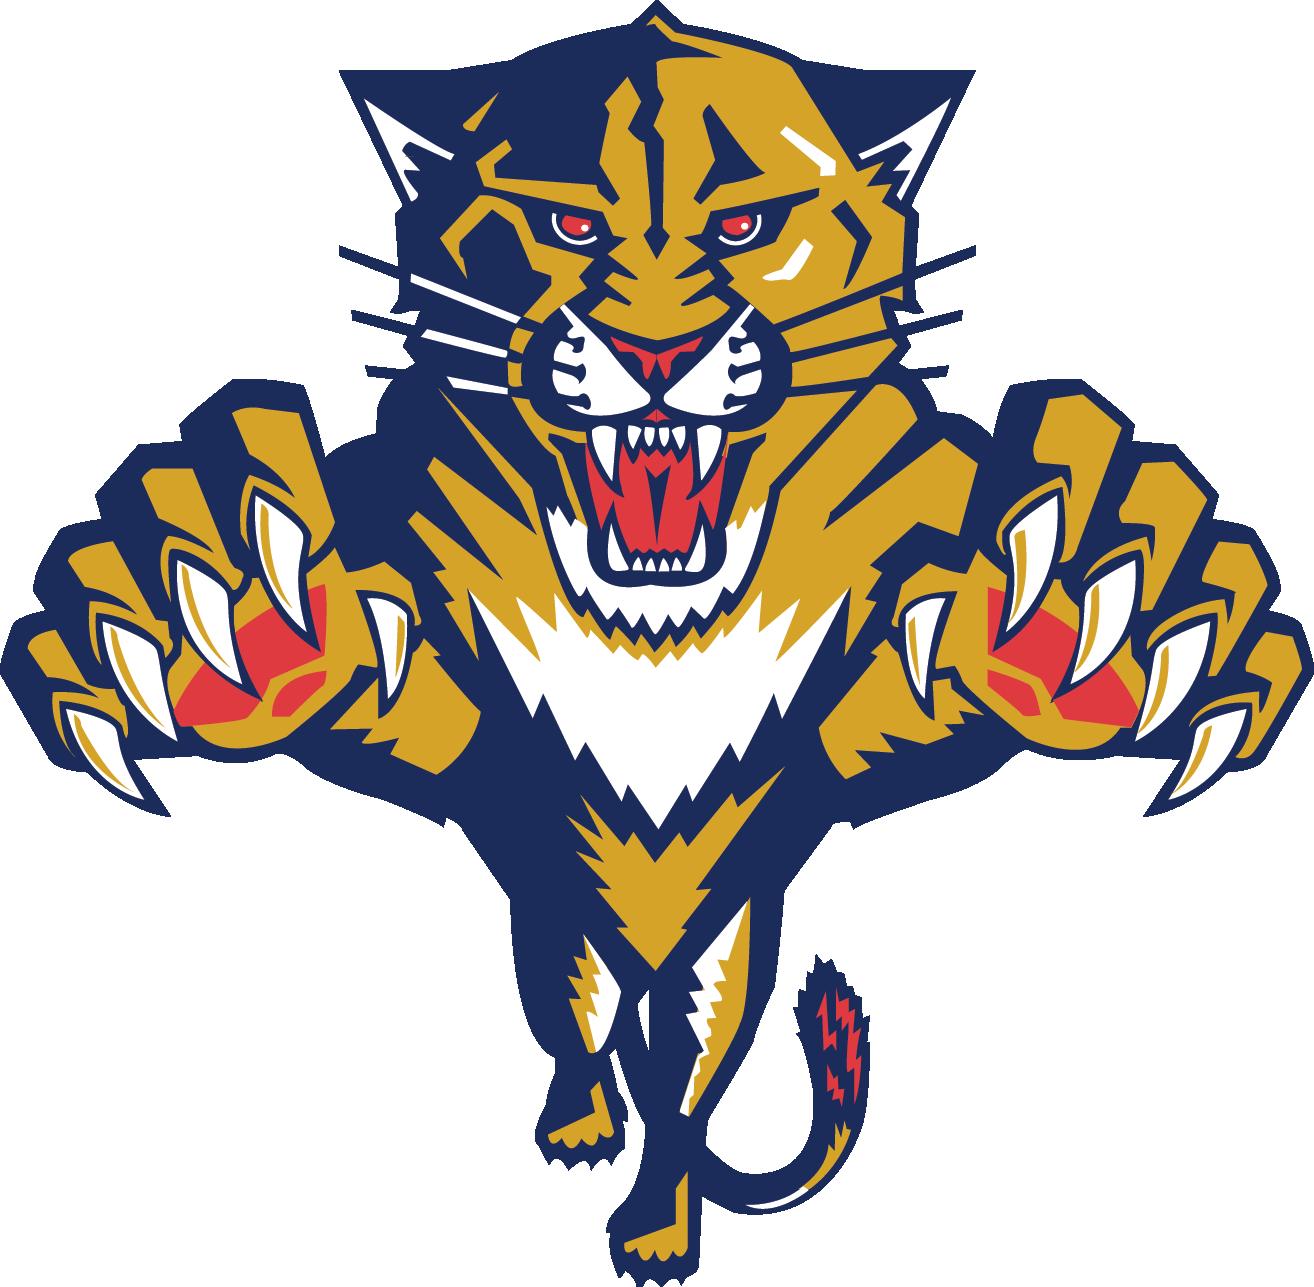 Panther Logo Free Large Images Florida Panthers Hockey Logos Panther Logo